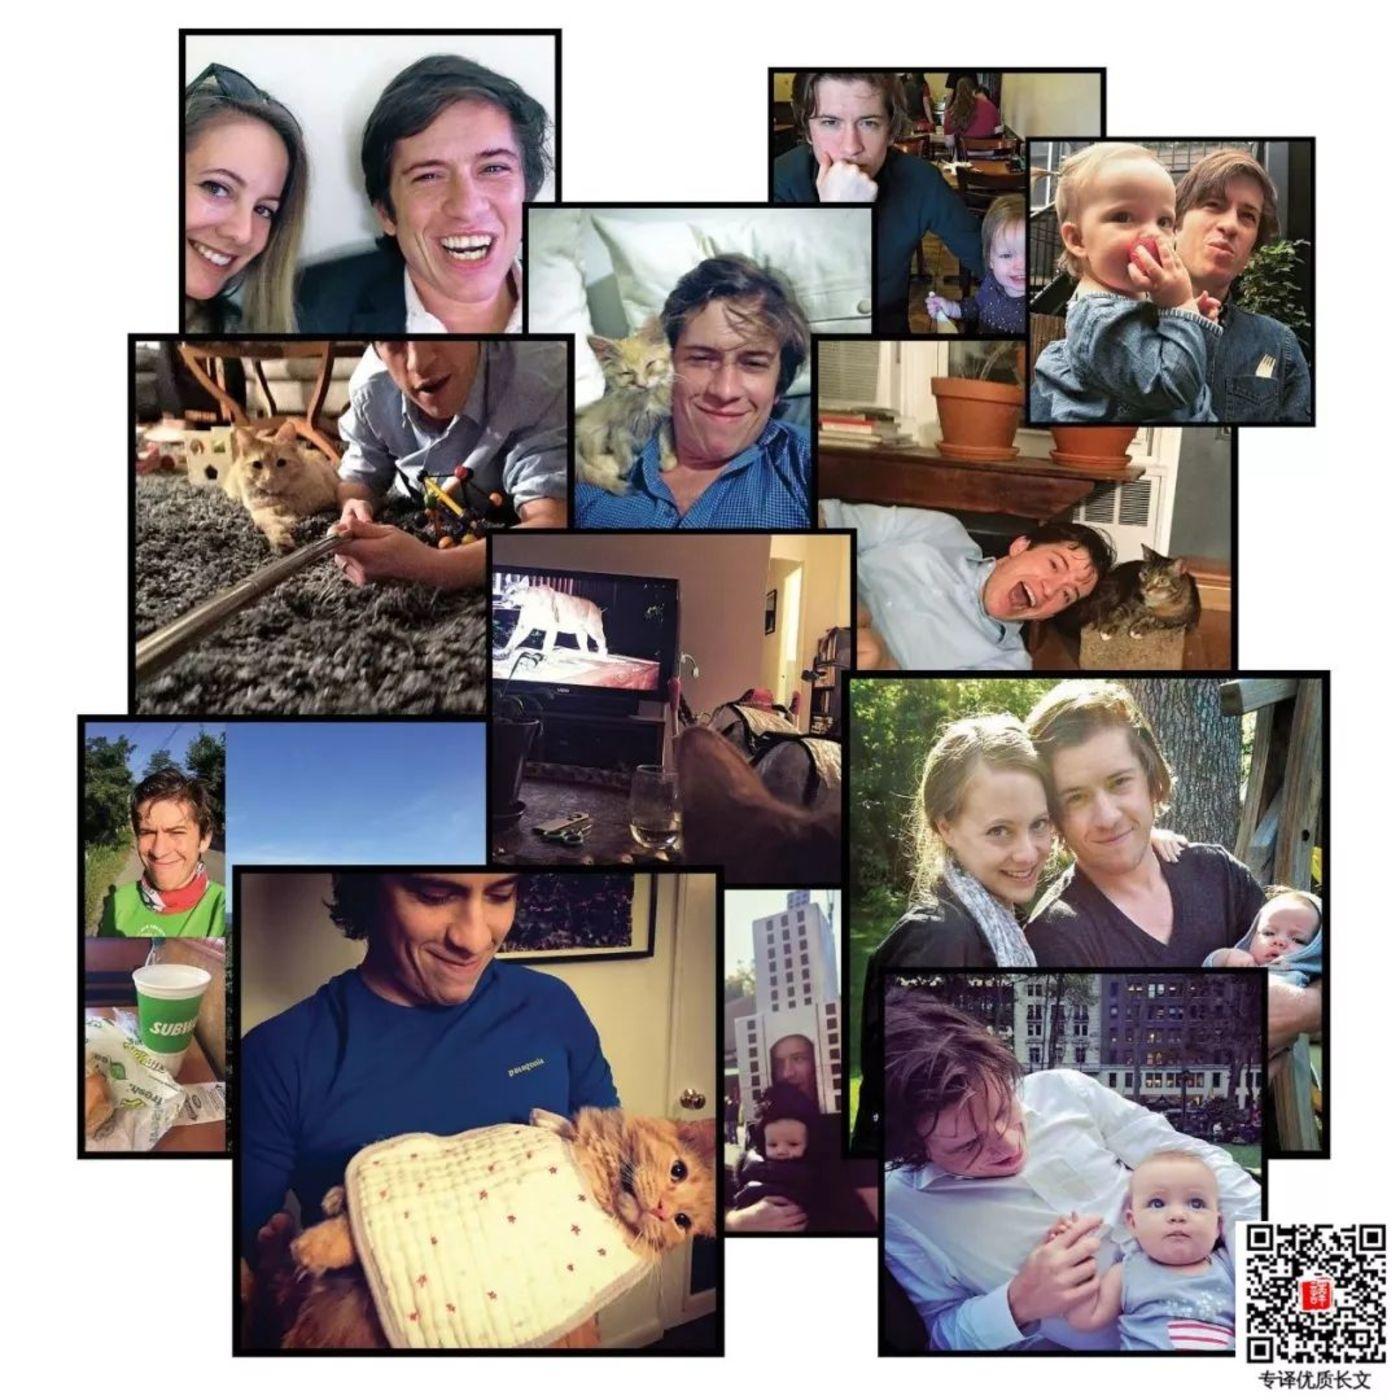 之前Chafkin的个人账户中充满着普通又日常的照片。来源:Instagram